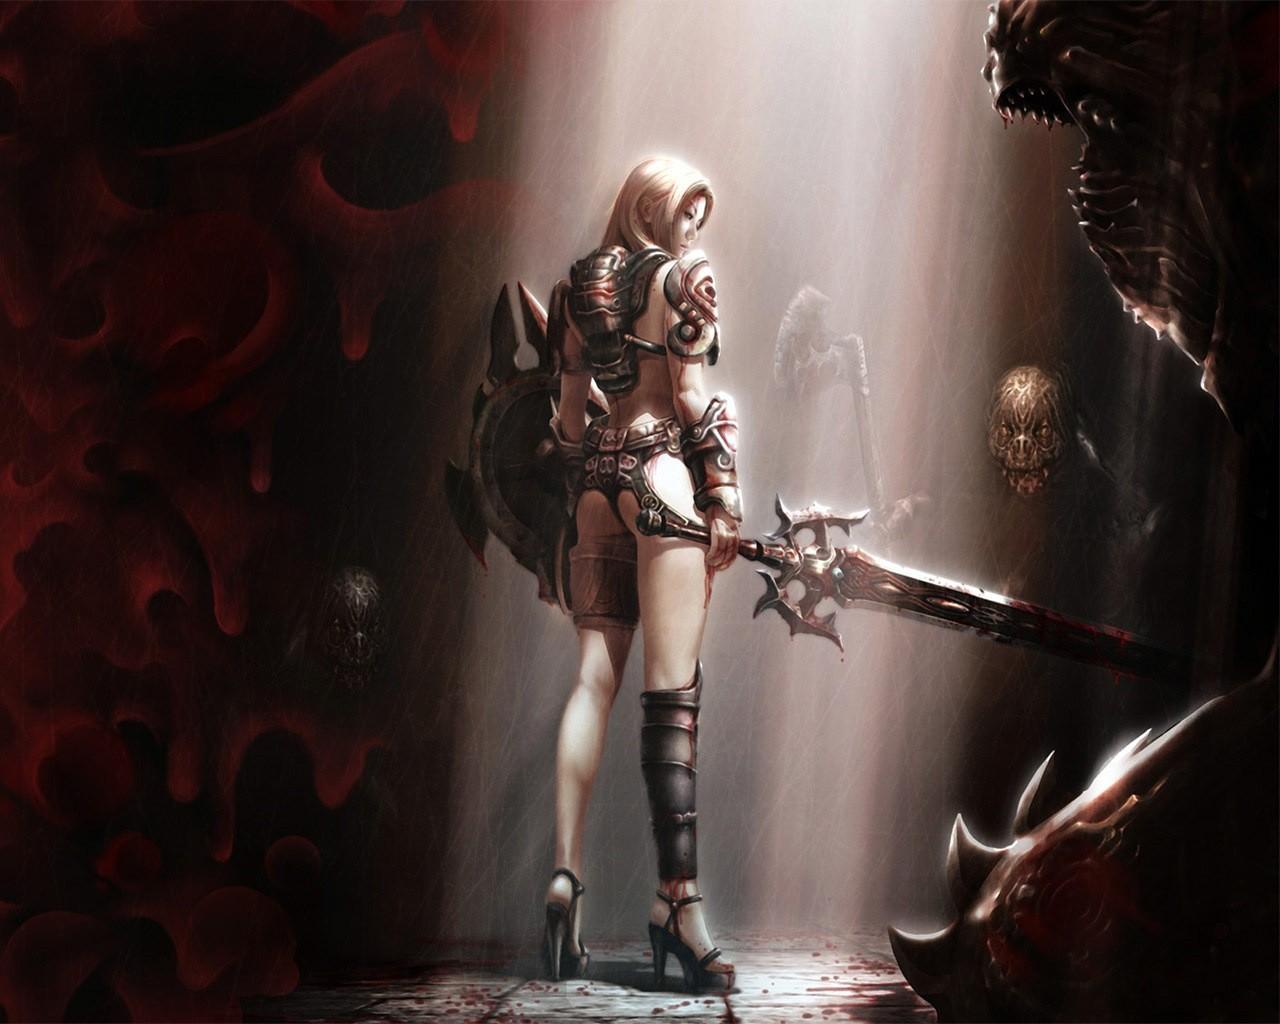 Diablo 2 hardcore ladder fucks pics